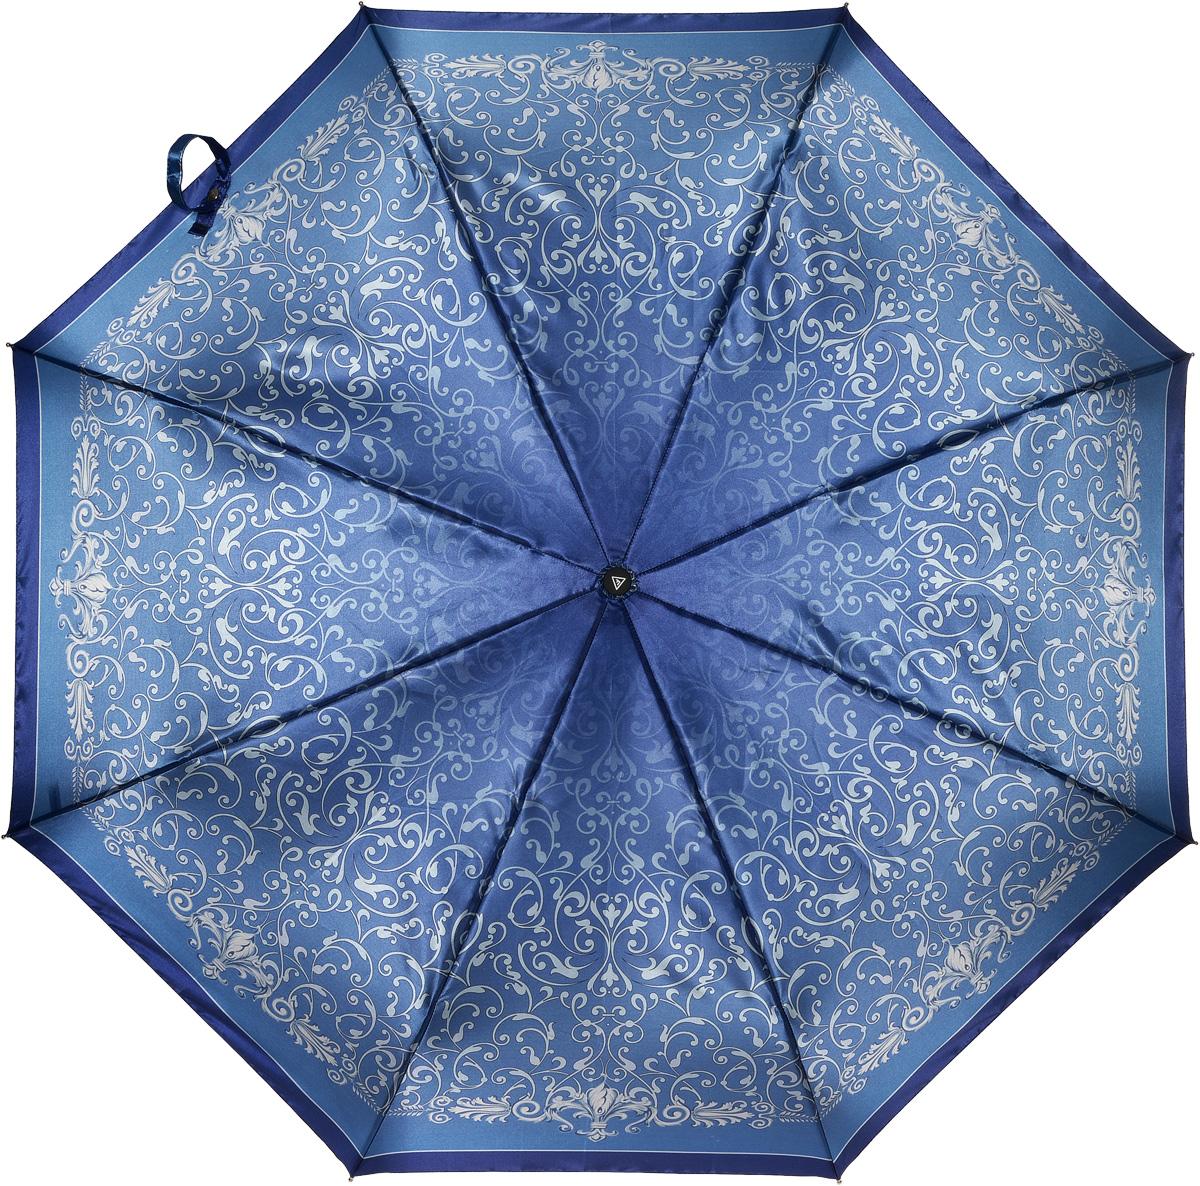 Зонт женский Fabretti, автомат, 3 сложения, цвет: синий. L-16105-10L-16105-10Зонт женский Fabretti, облегченный суперавтомат, 3 сложения